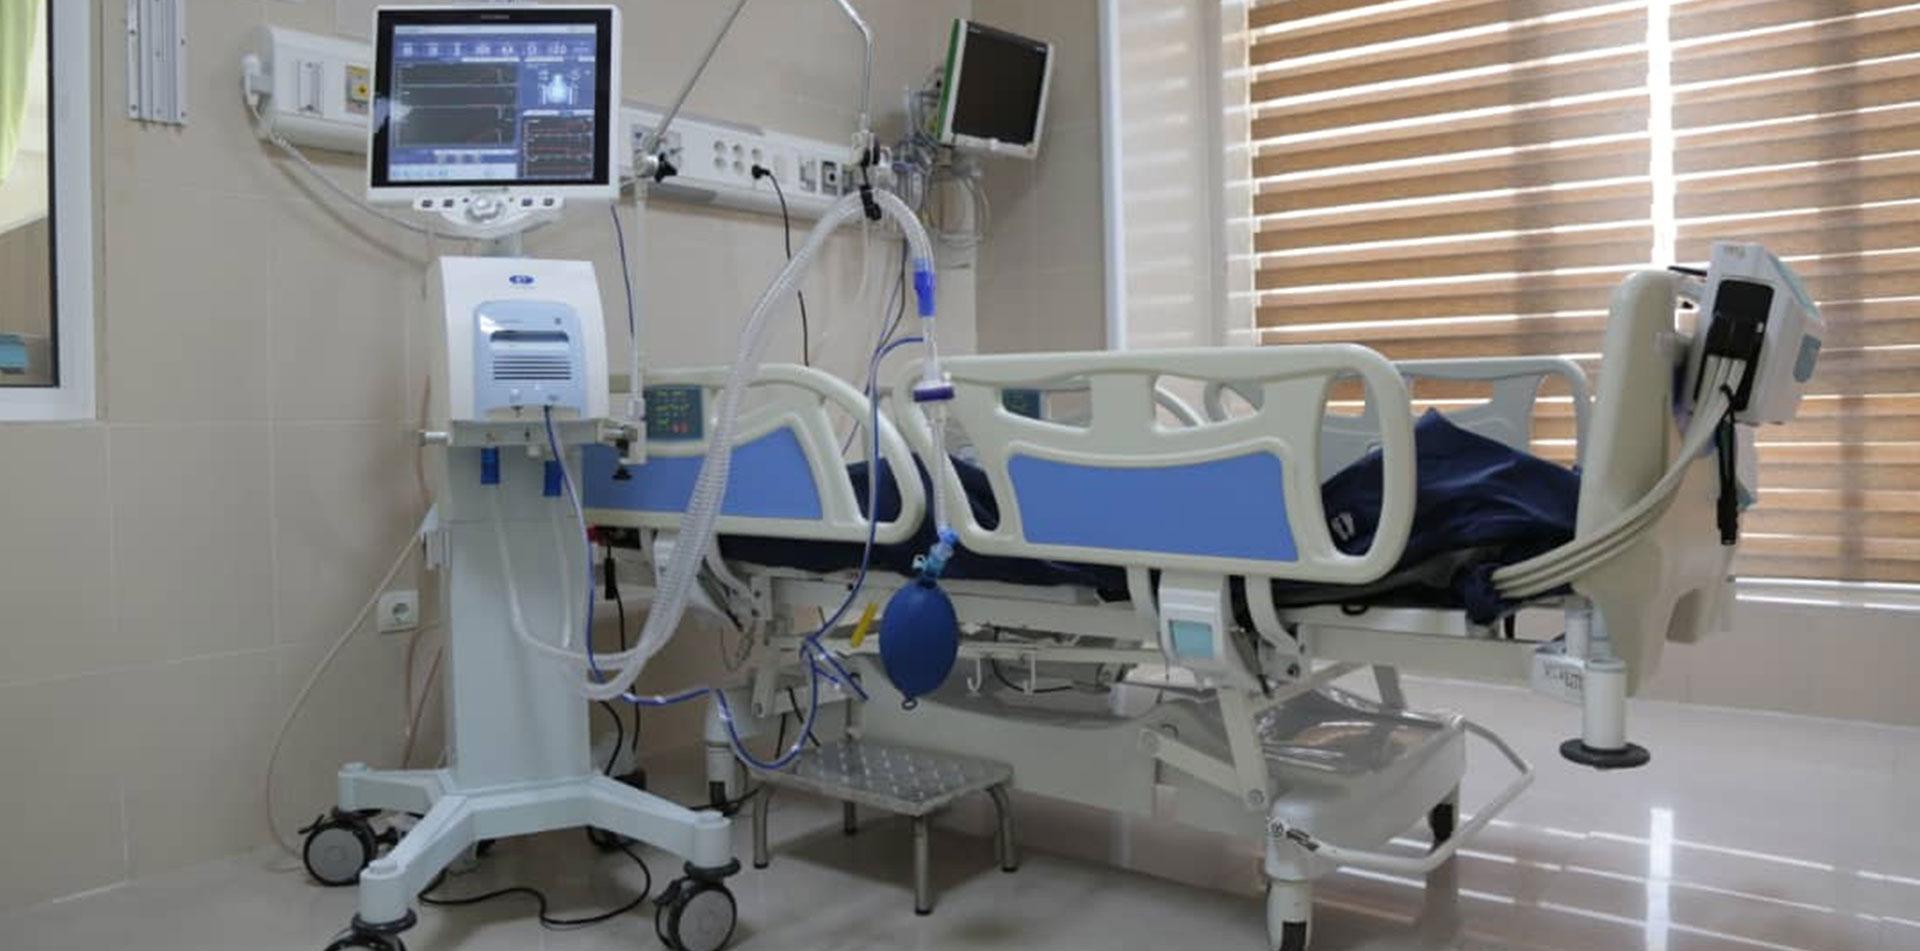 تهیه و توزیع 27 دستگاه ونتیلاتور و سایر دستگاه ها و تجهیزات مورد نیاز بیمارستان های سانتر کرونا